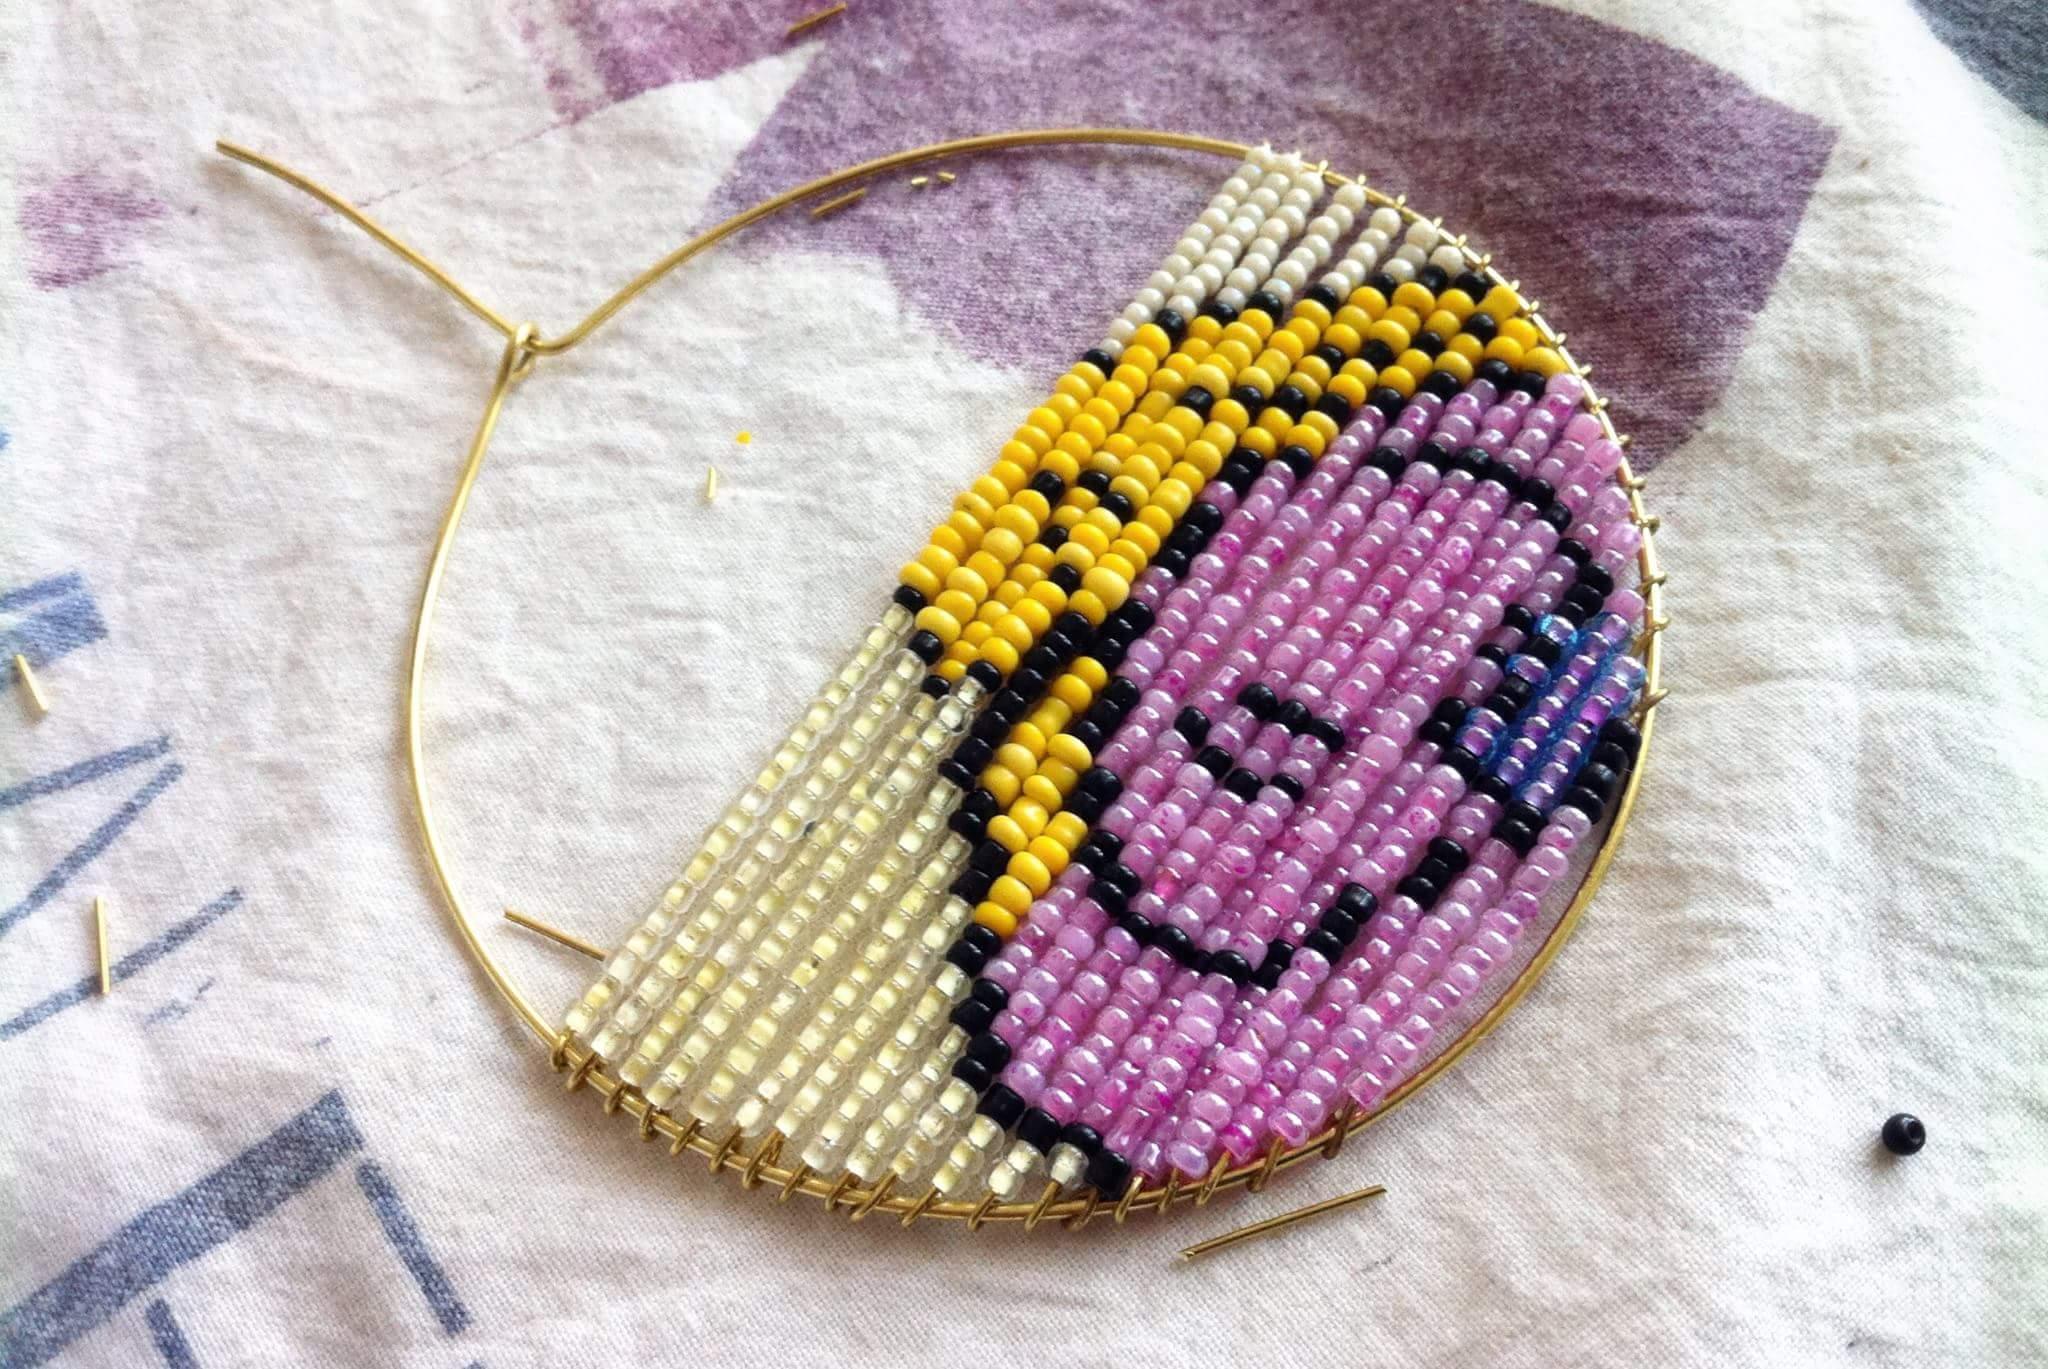 Picca Jewellery